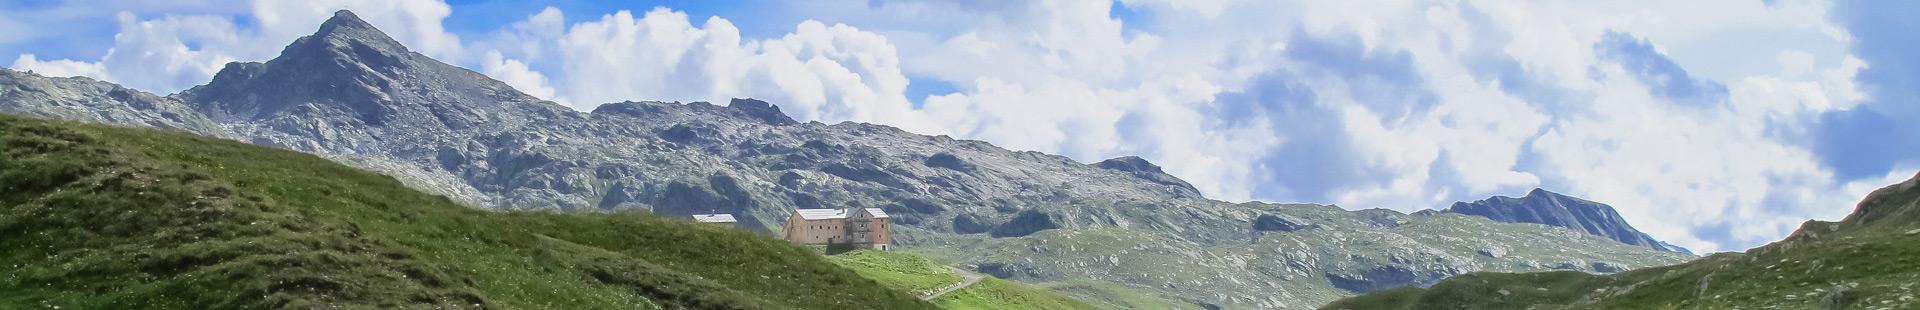 Mit dem Mountainbike über die Alpen